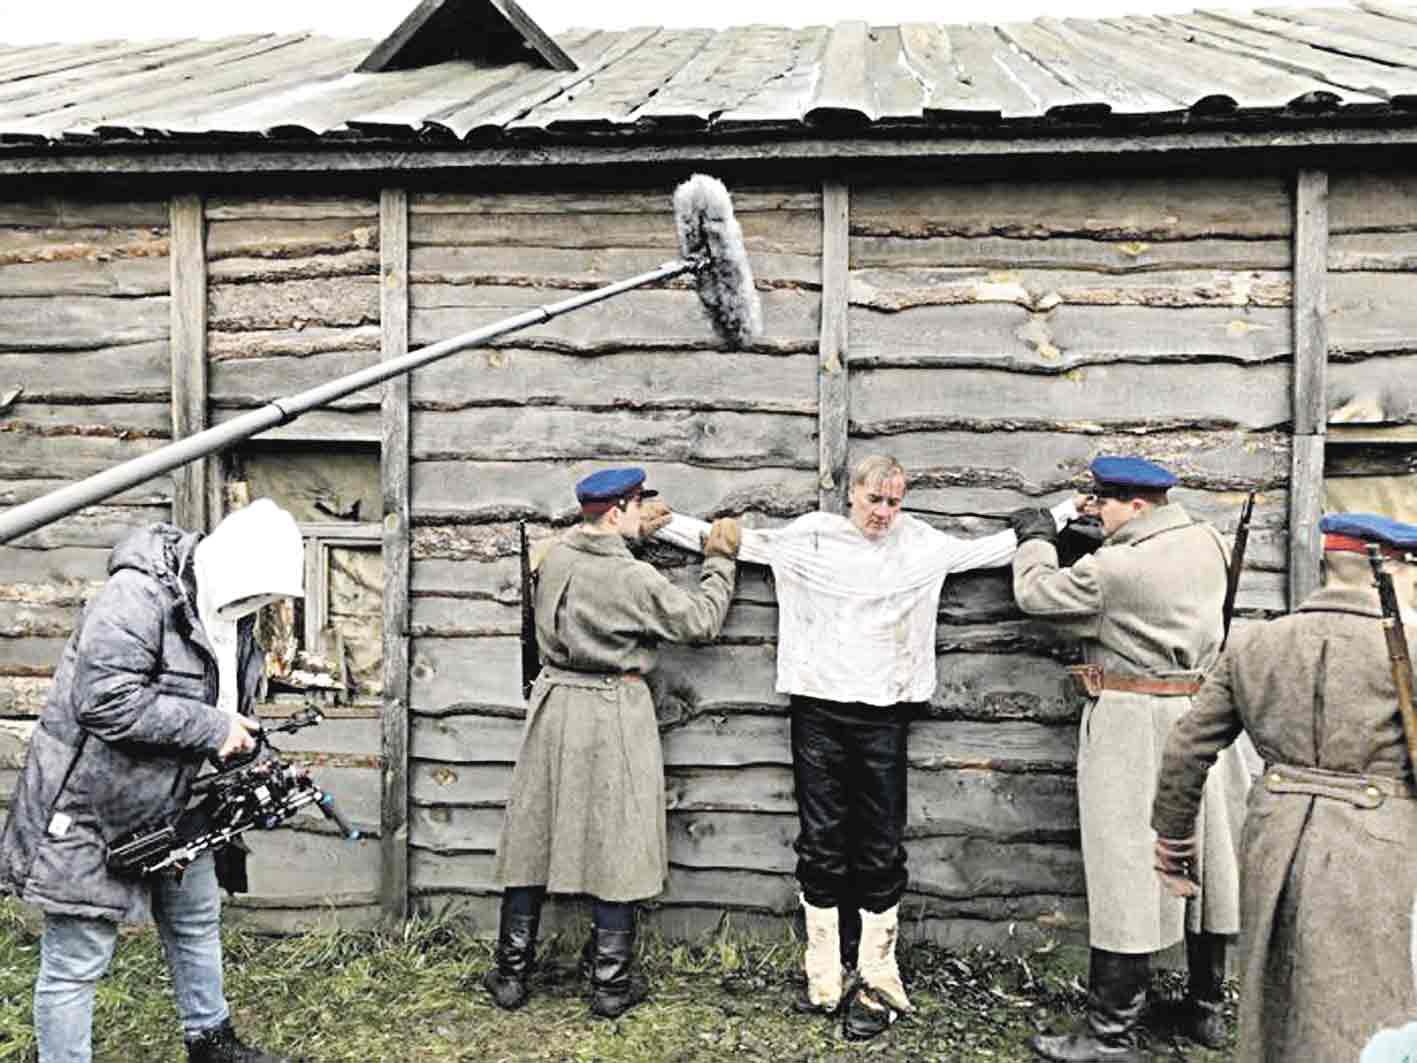 Єпископ Бернацький зіграв роль у фільмі про Вінниччину